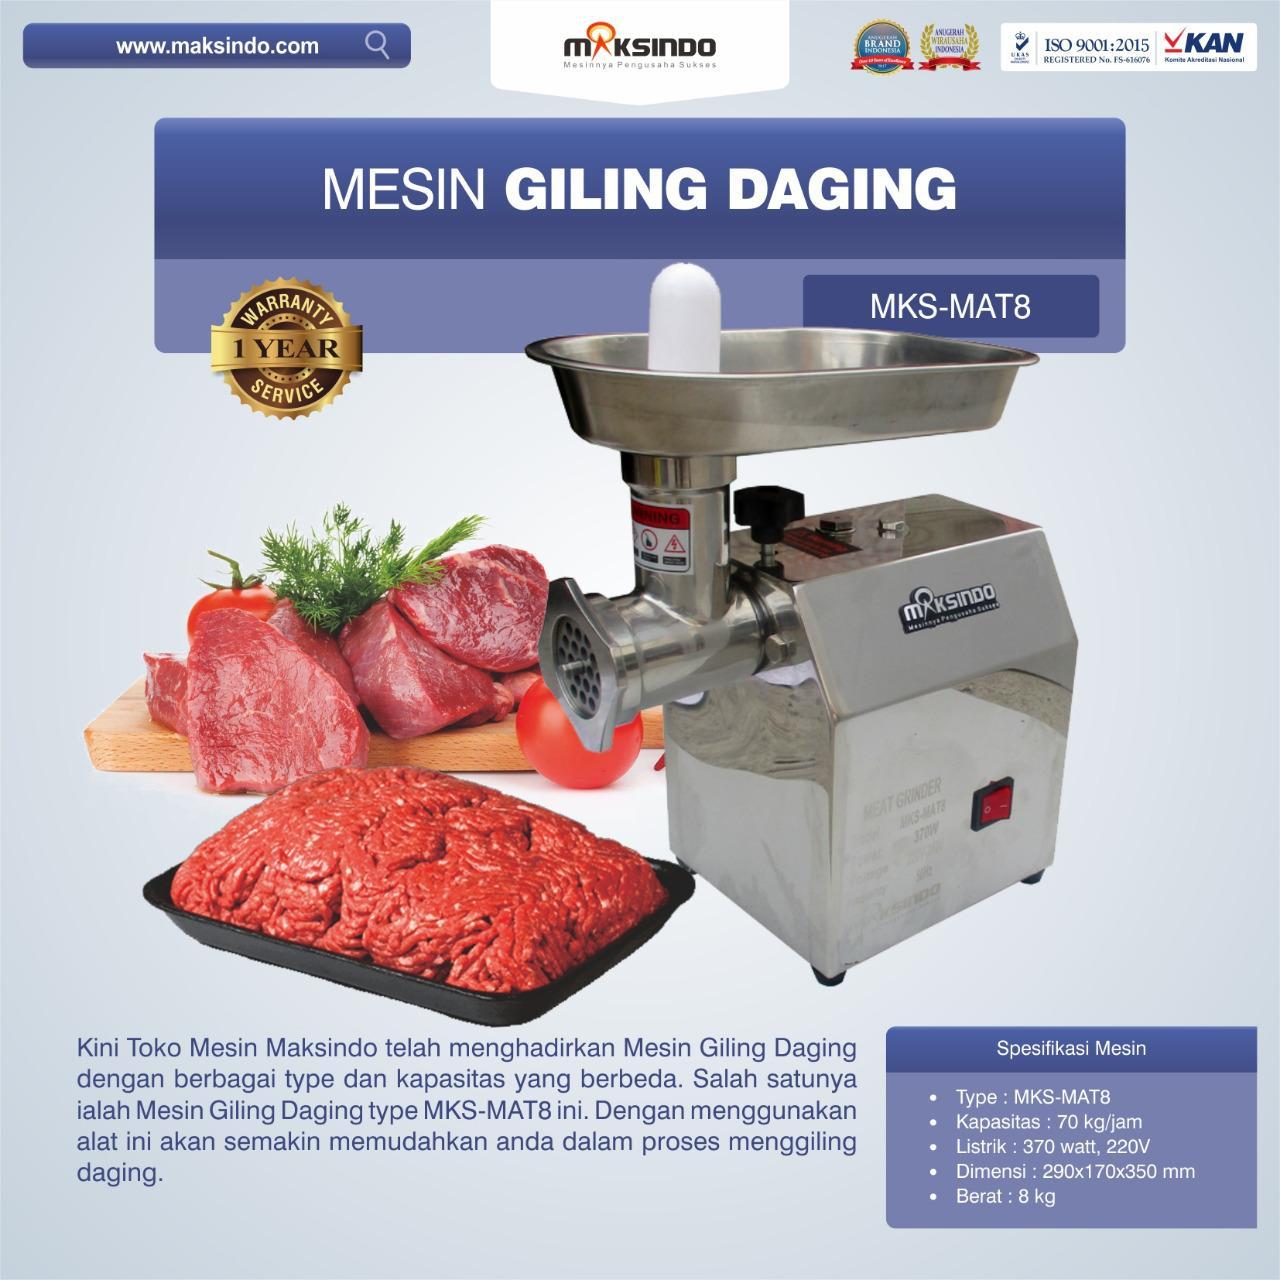 Jual Mesin Giling Daging MKS-MAT8 di Pekanbaru